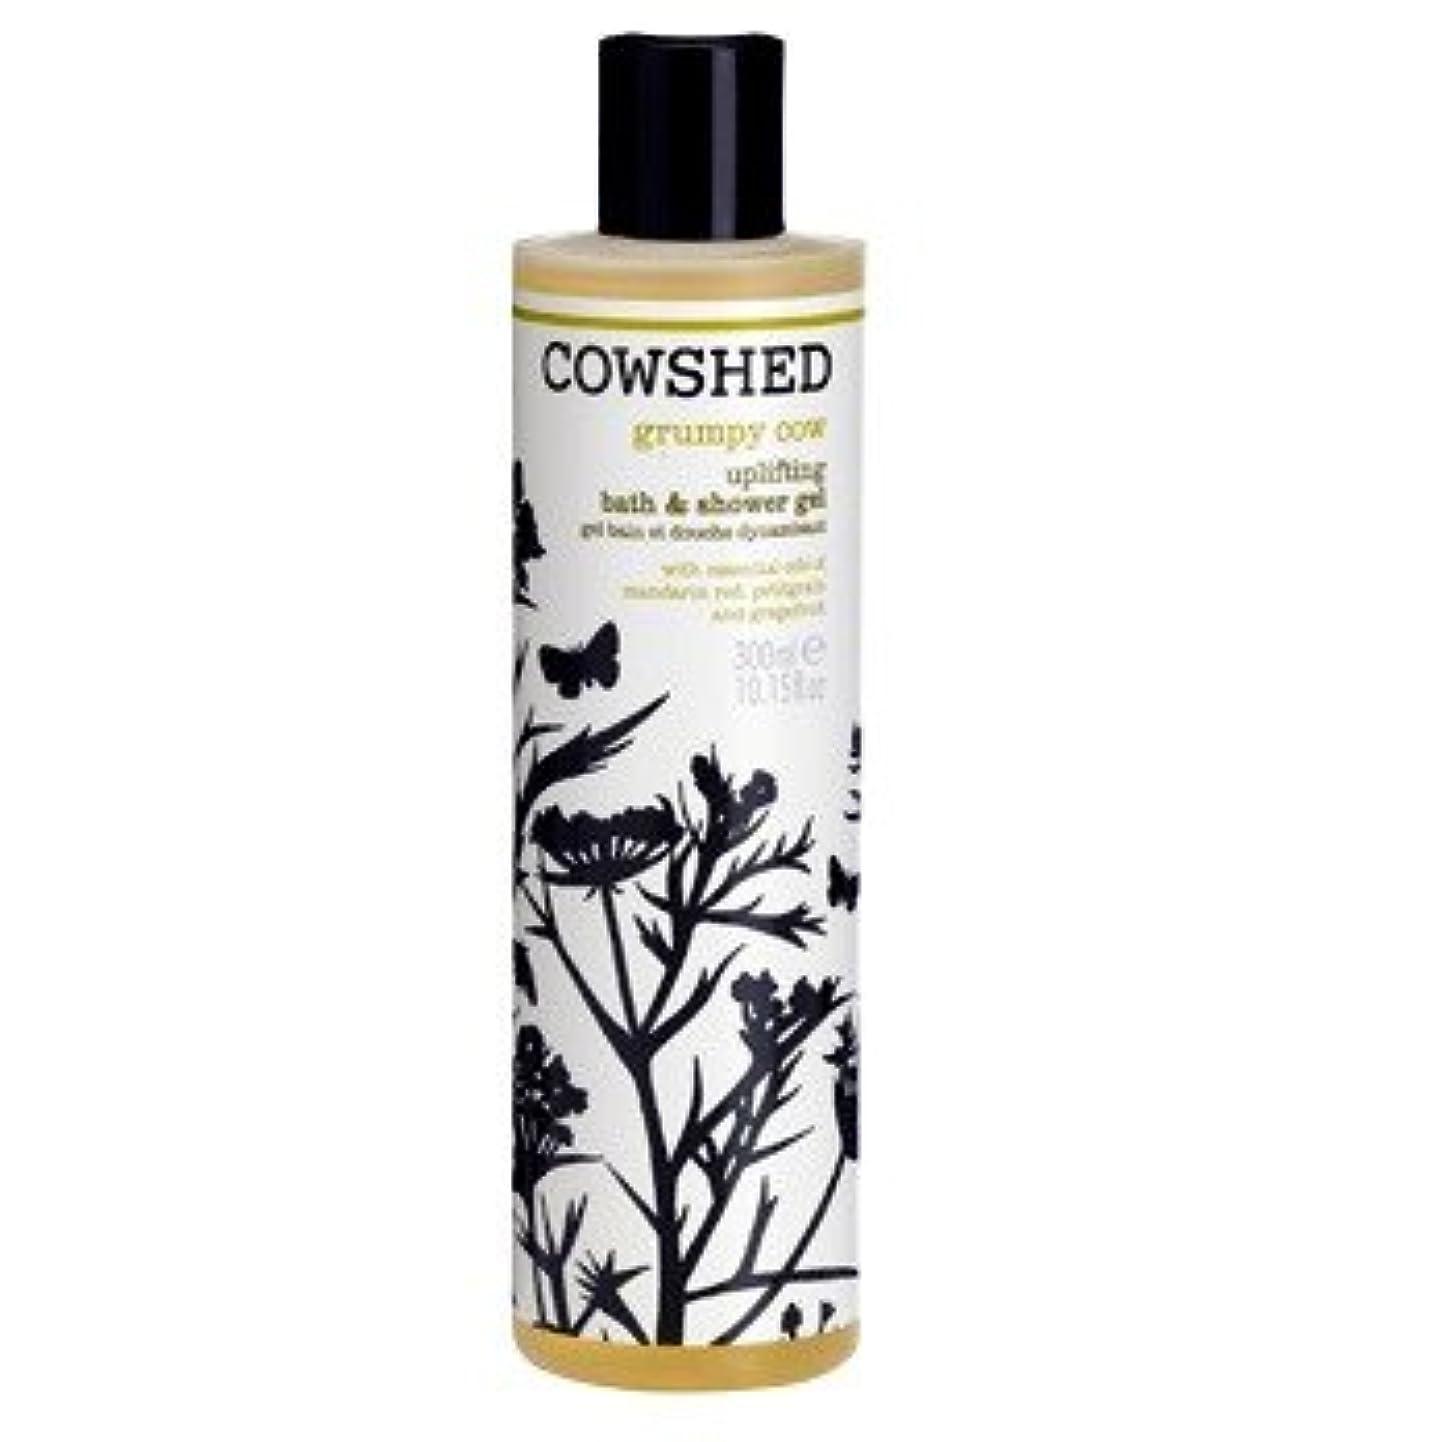 ルートプレゼン集まる牛舎気難しい牛高揚バス&シャワージェル300ミリリットル (Cowshed) - Cowshed Grumpy Cow Uplifting Bath & Shower Gel 300ml [並行輸入品]